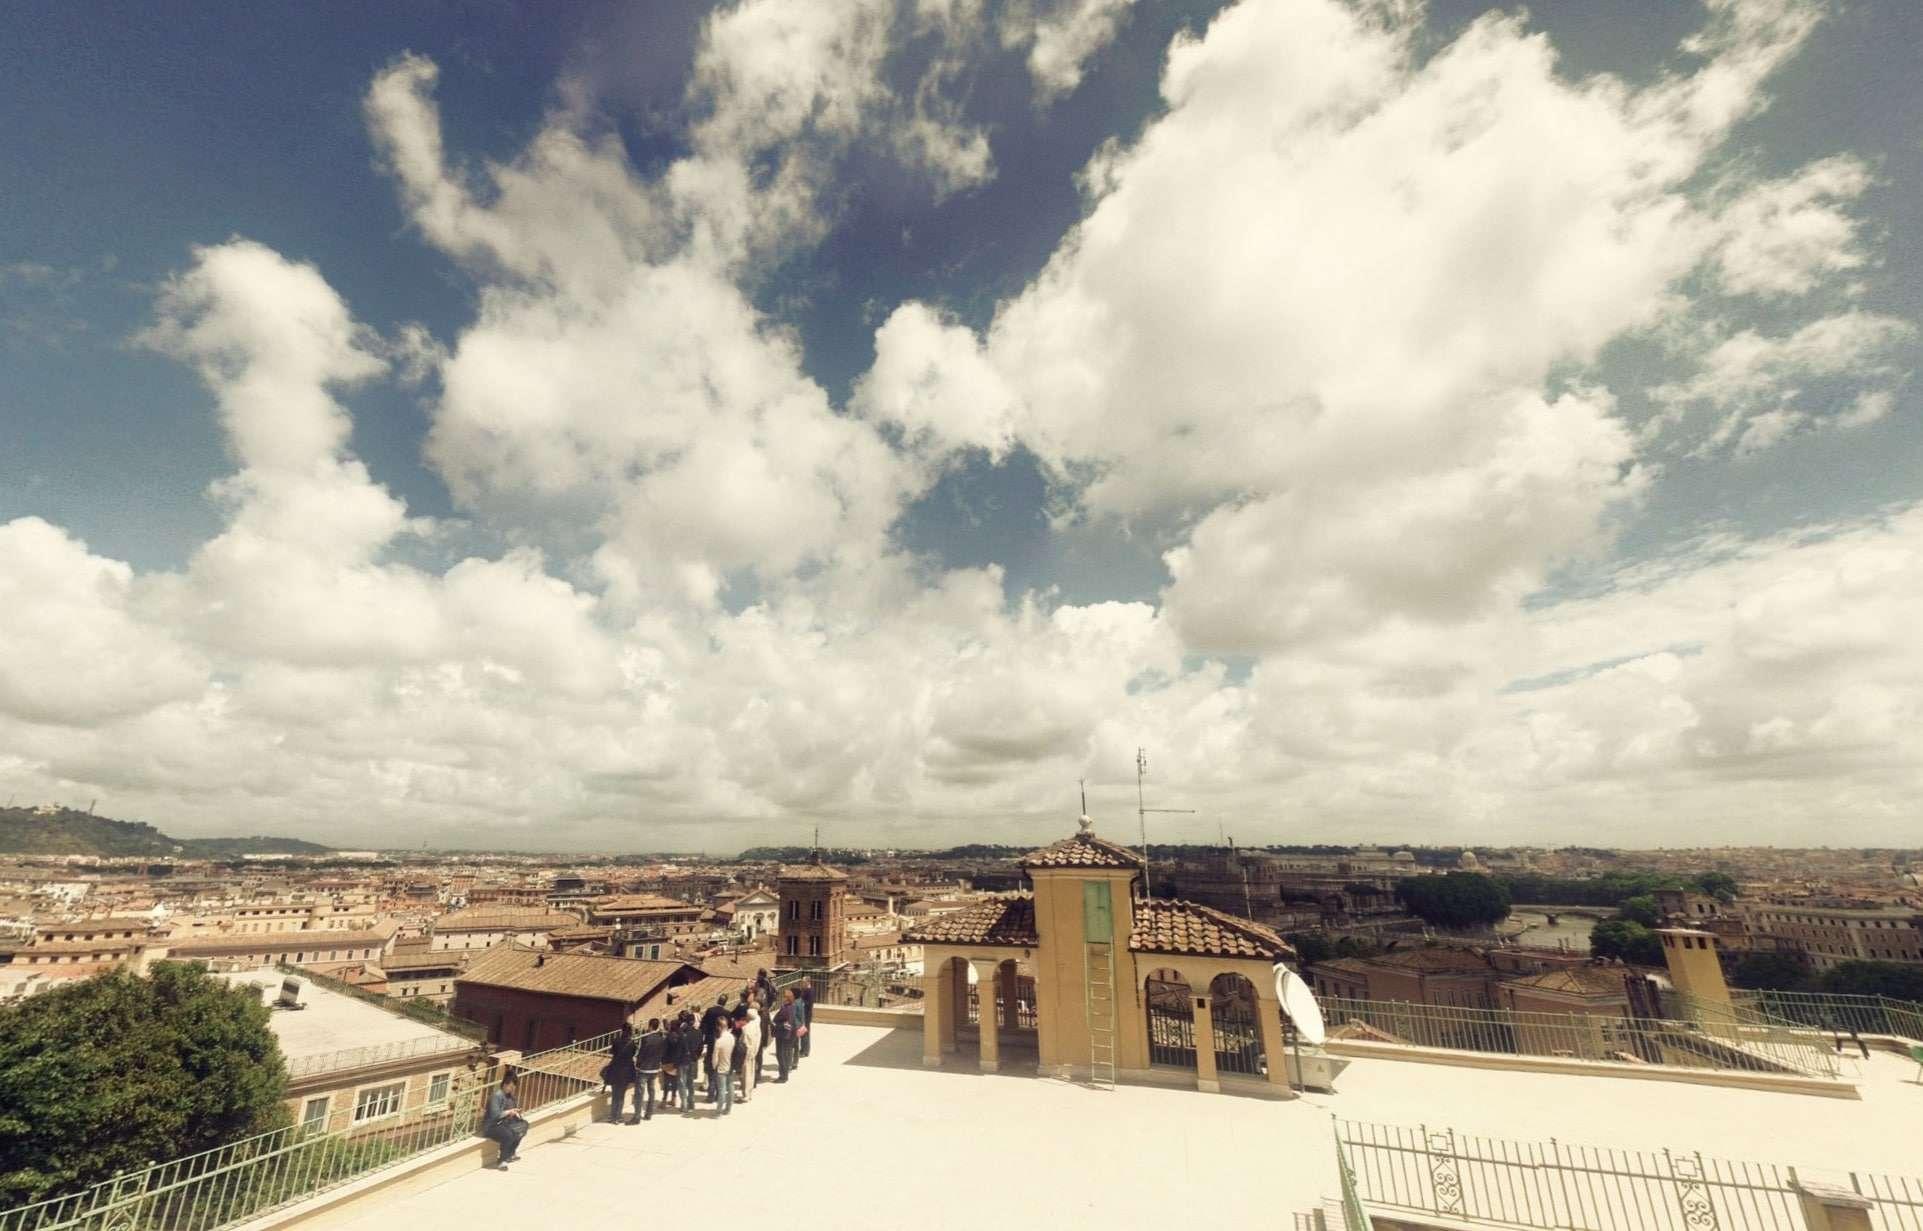 Terrazza di Villa Barberini al Gianicolo a 360° | Roma Ieri Oggi